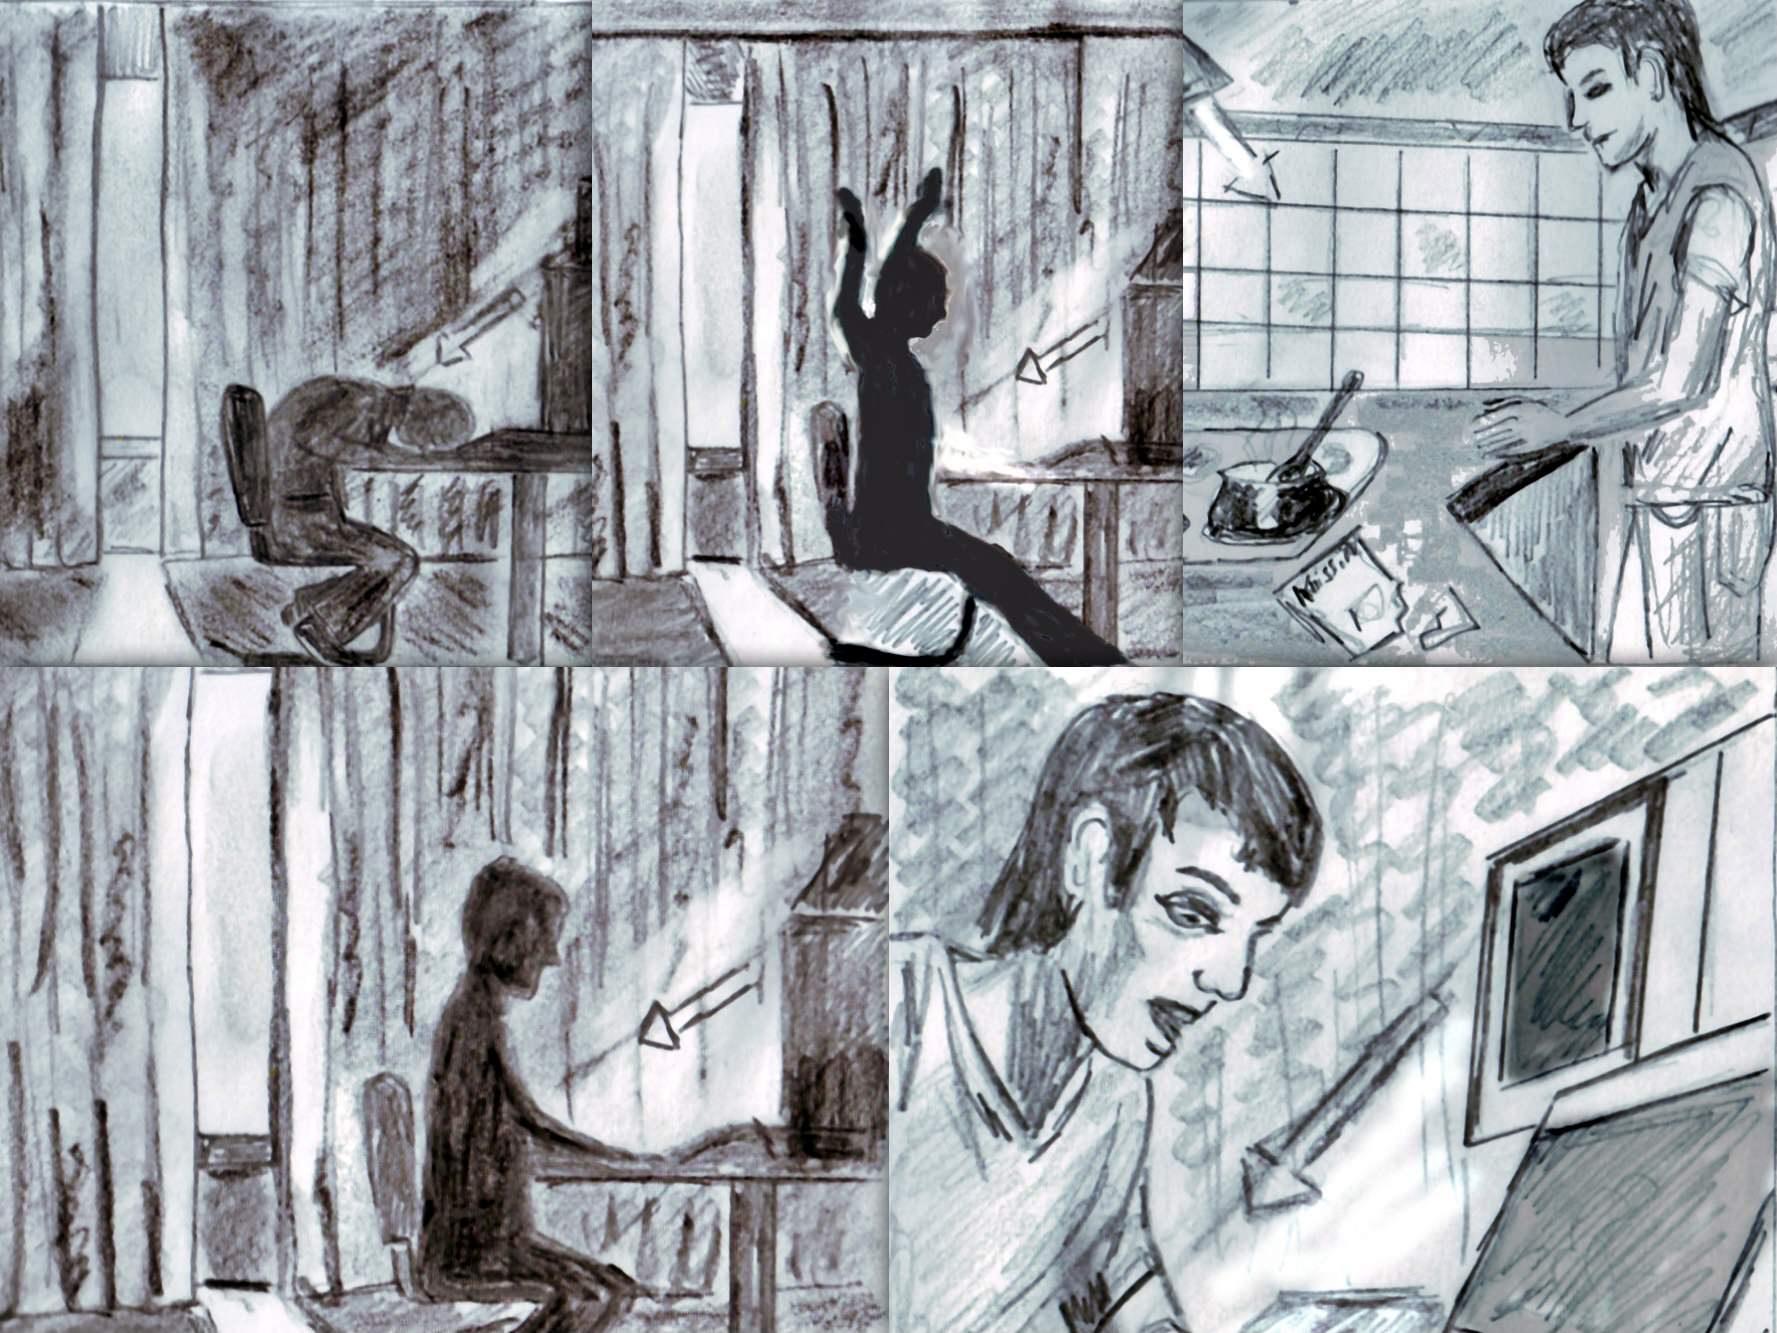 Verbindungssucht – Gedanken über die Einsamkeit